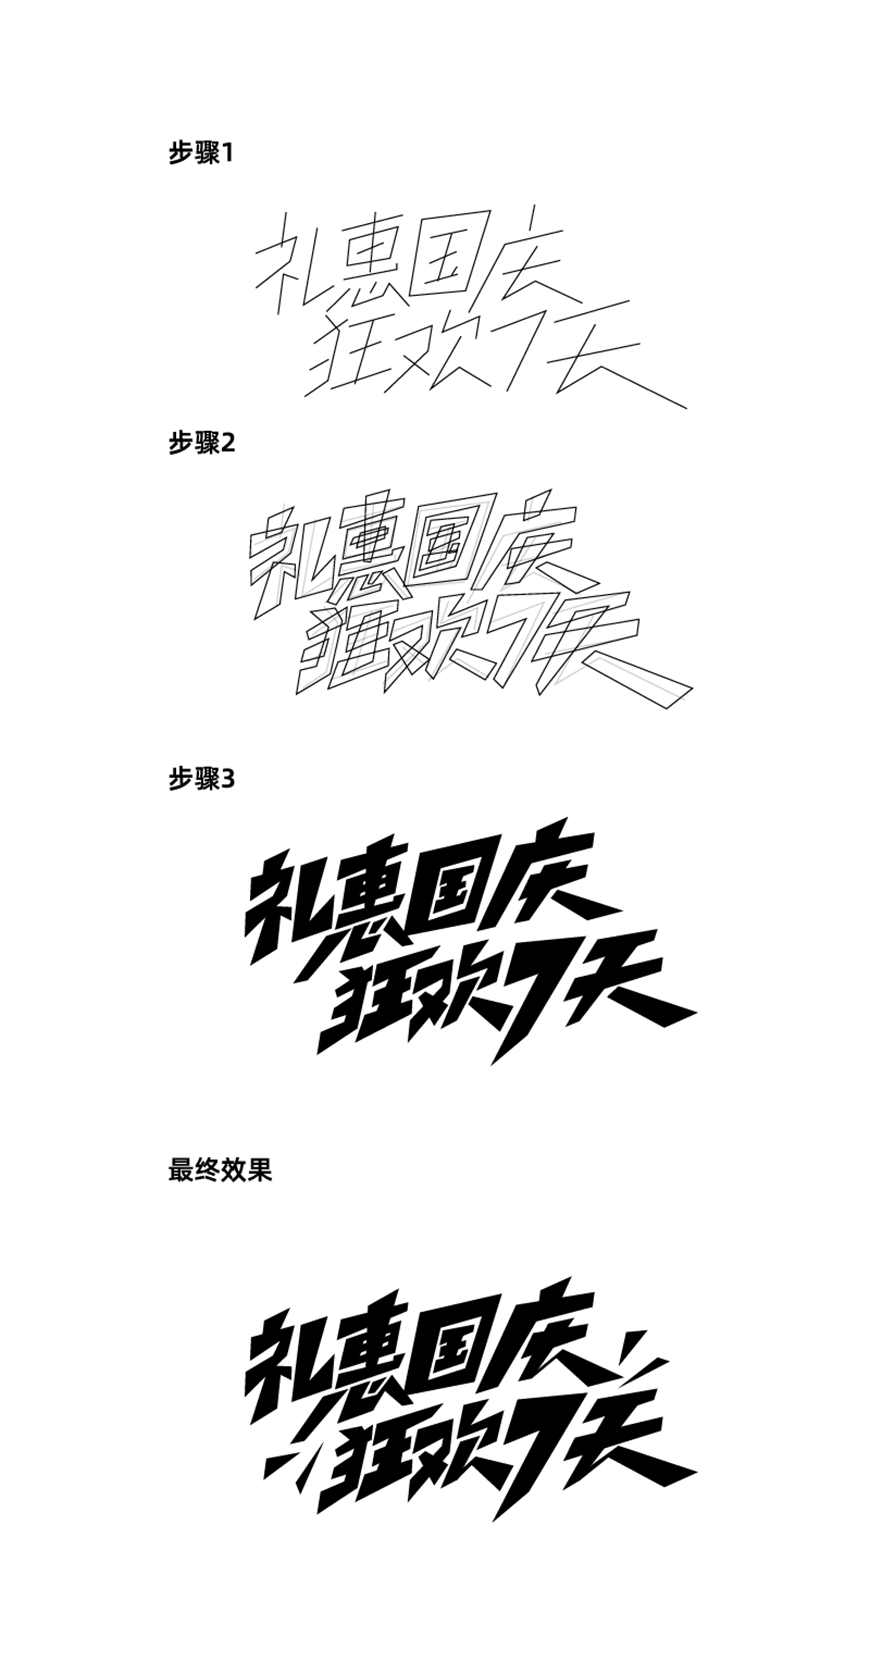 免费字体下载!国庆节中秋节免费字体礼包 – 刘兵克工作室